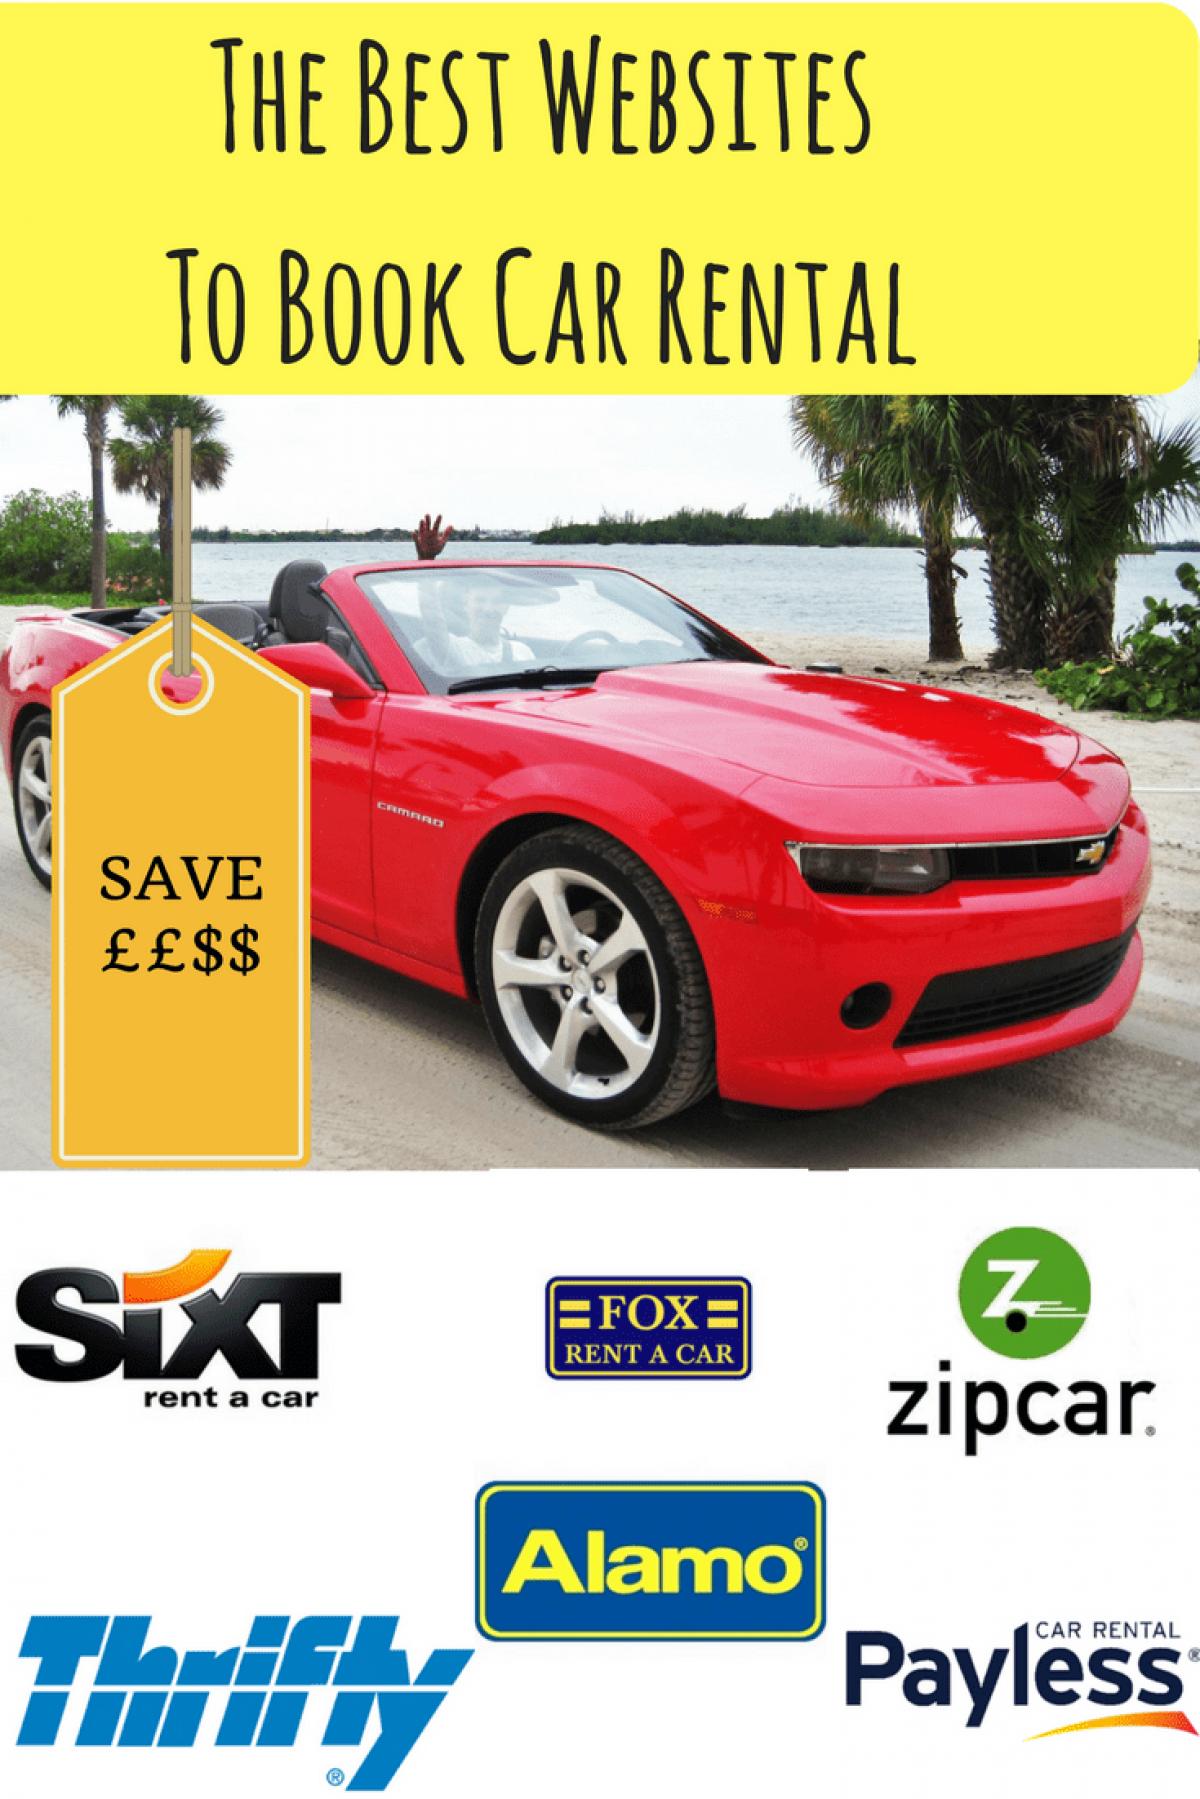 Car Rental Websites >> Best Websites To Book Car Rental Travel Resources